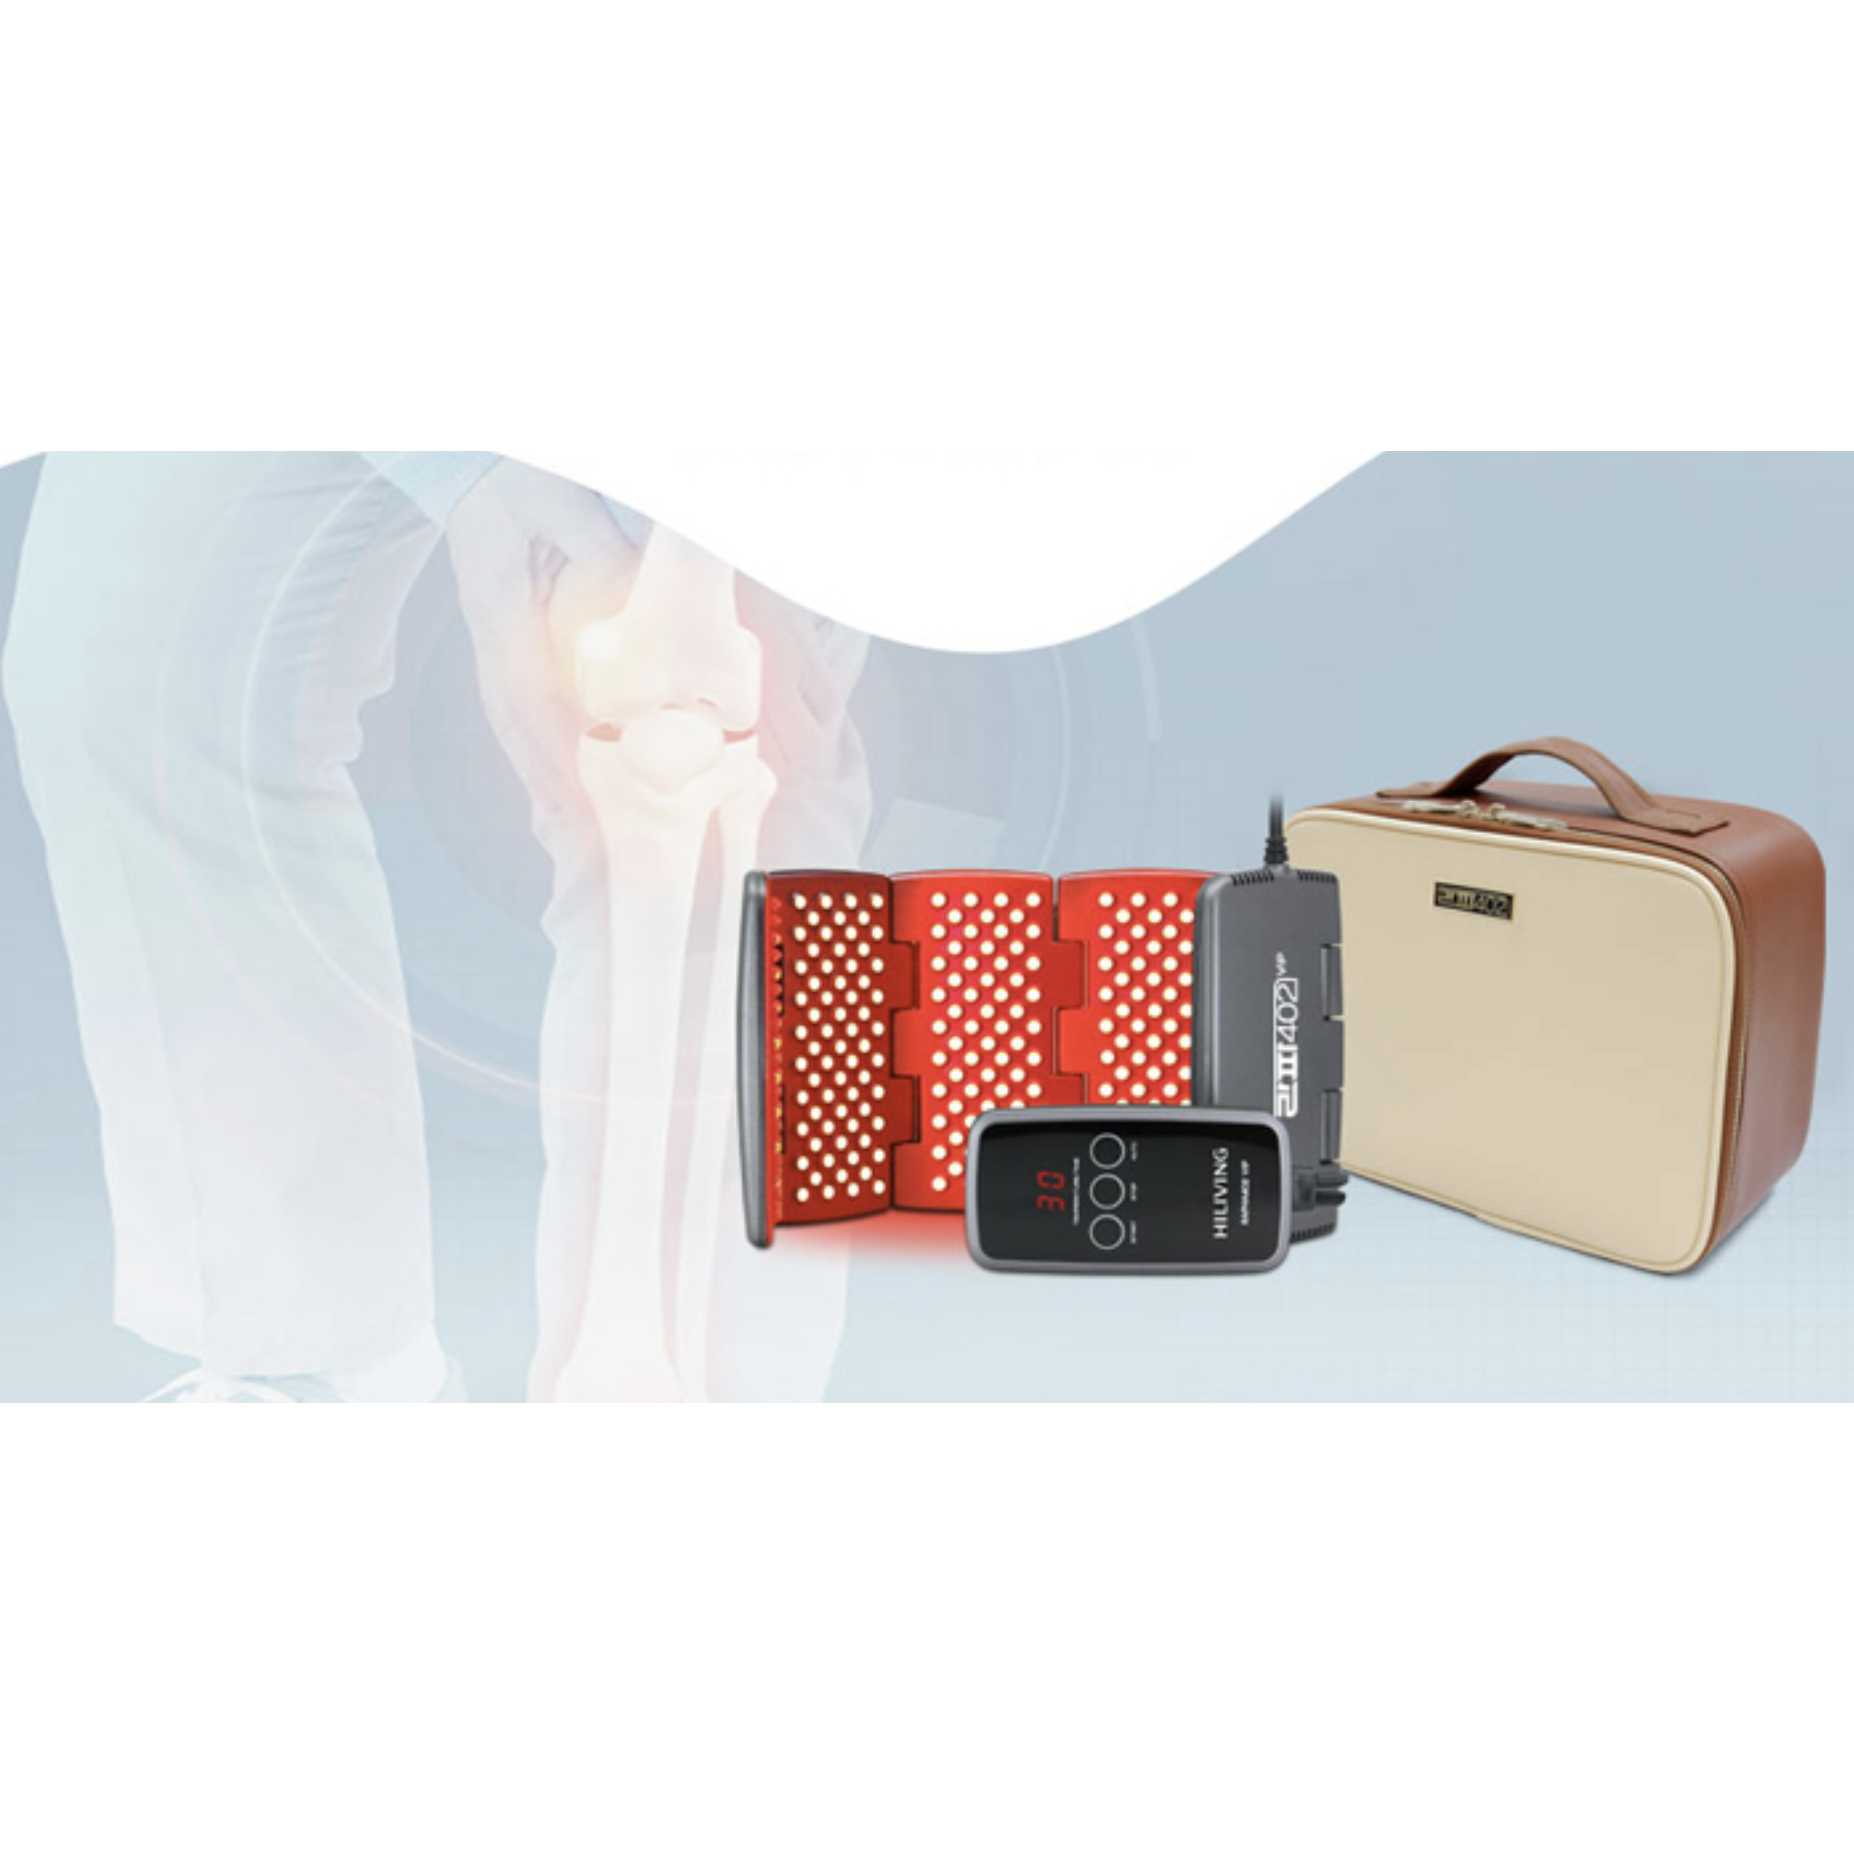 만성염증 퇴행성관절염 탈모치료 라파402 저출력레이저 의료기